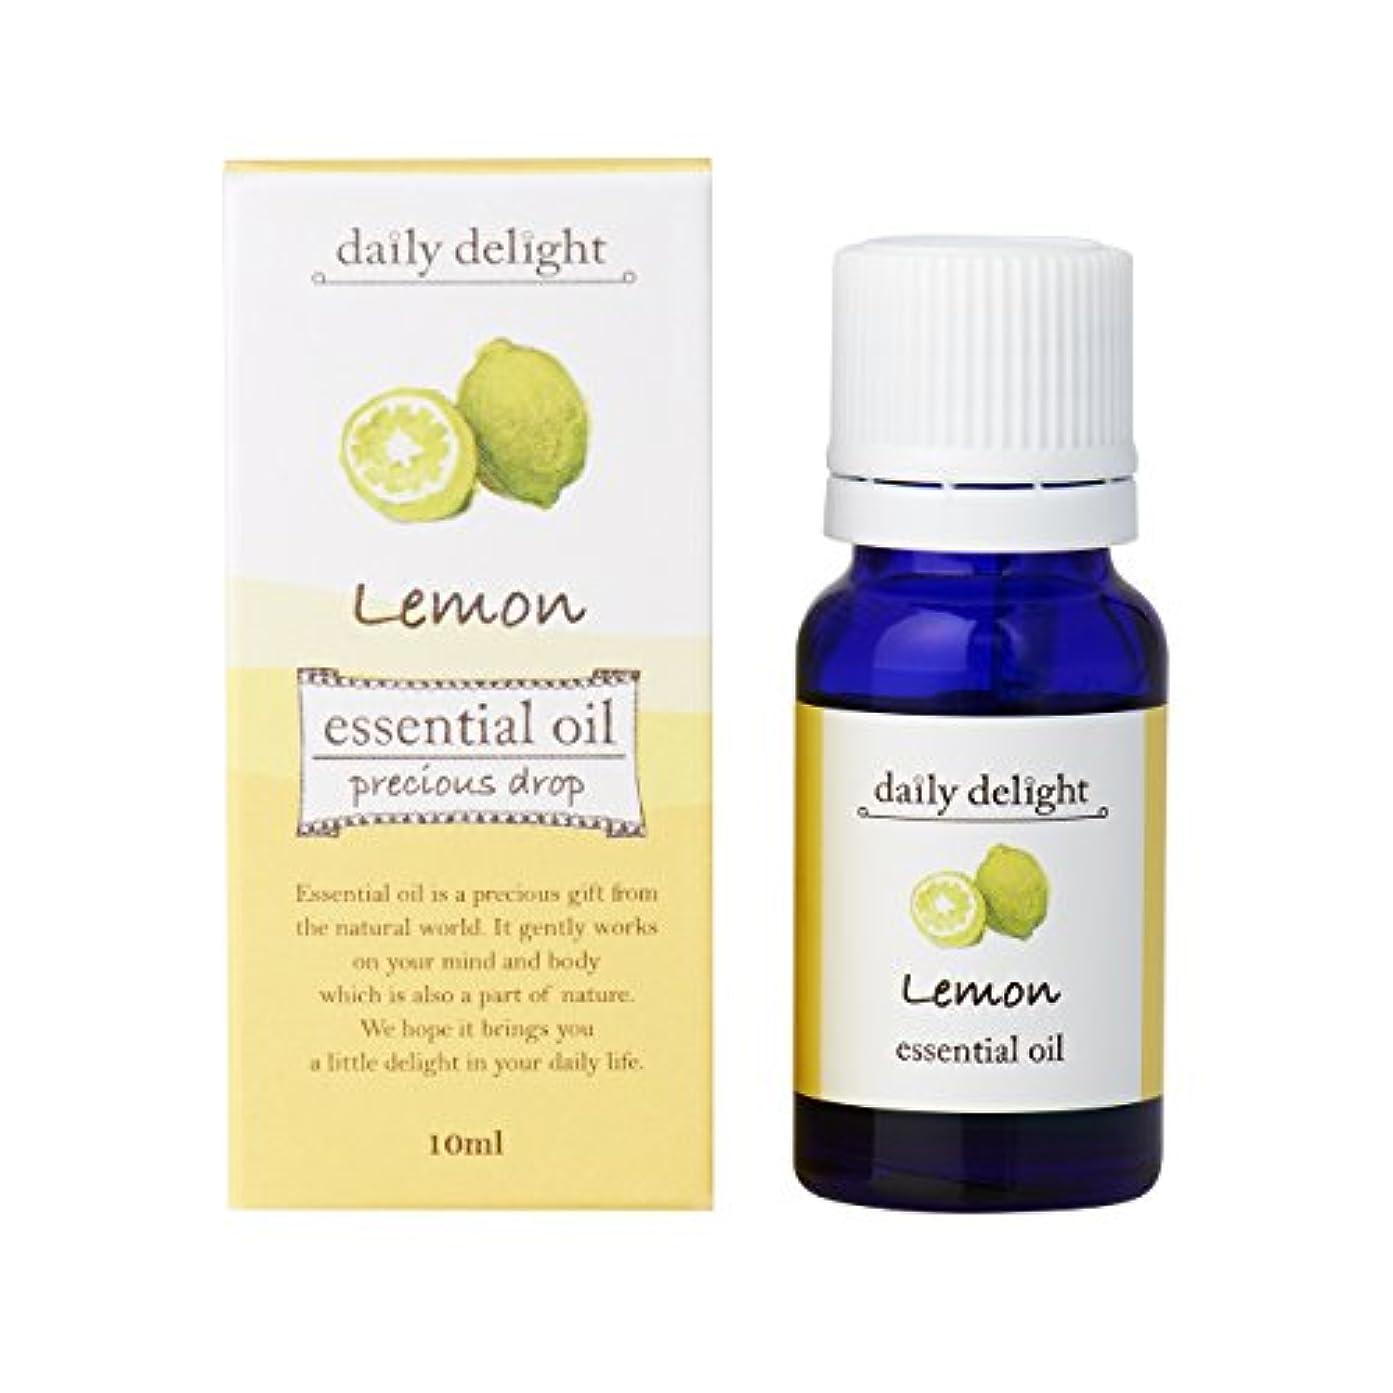 退屈な補助散歩デイリーディライト エッセンシャルオイル  レモン 10ml(天然100% 精油 アロマ 柑橘系 さっぱりして気分転換におすすめの香り)